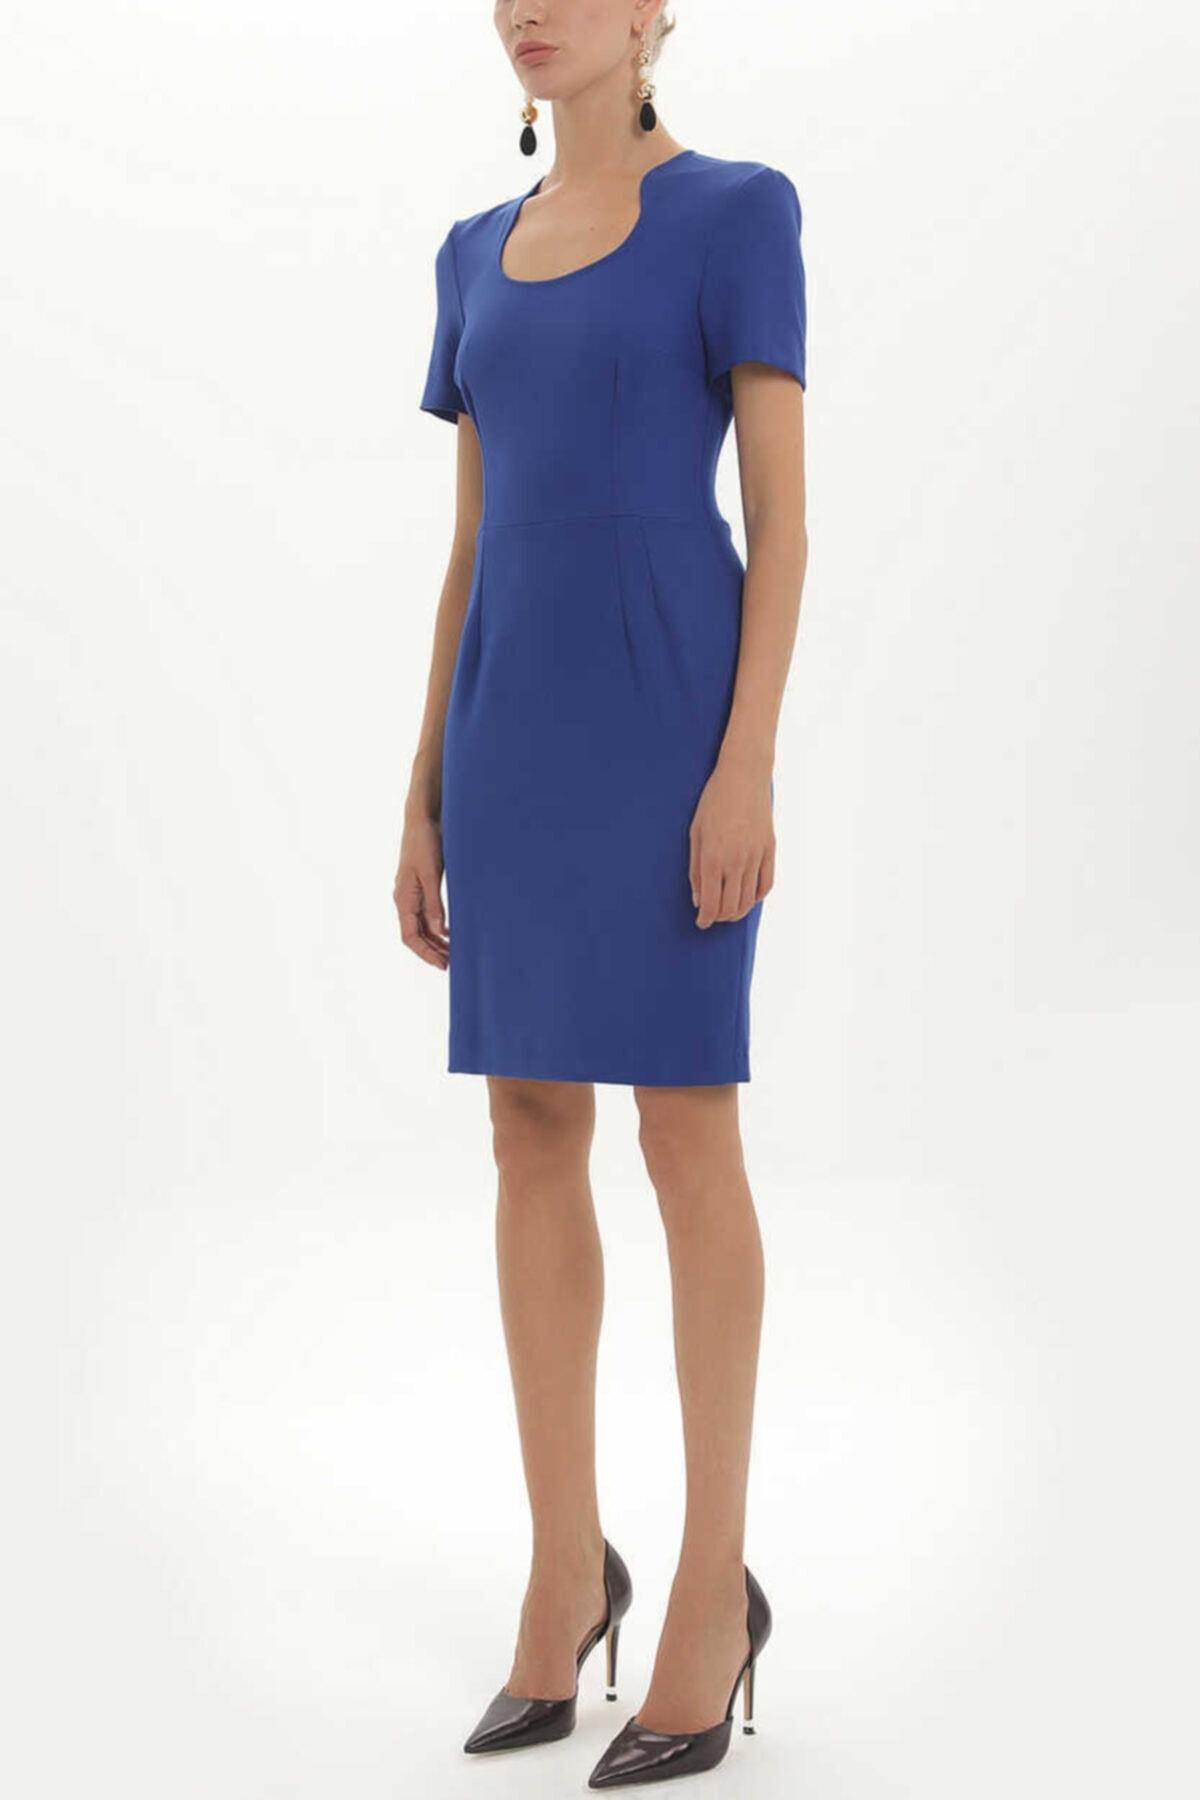 SOCIETA - Dar Kesim Likralı Elbise 91438 Gece Mavisi 1